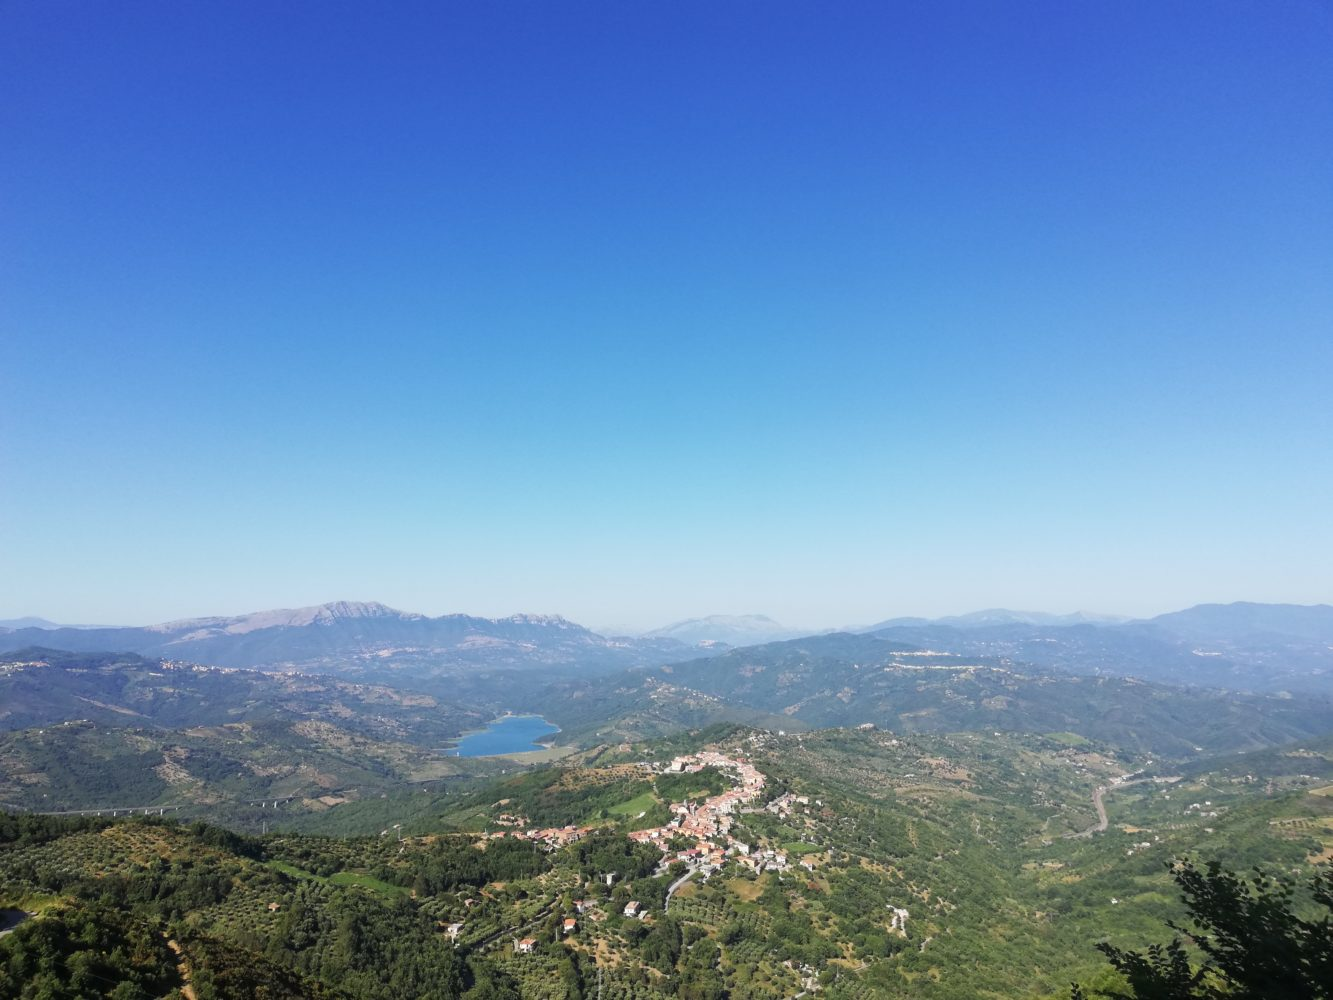 il-castello-di-rocca-cilento-panorama-dal-castello-il-cilentano.jpg